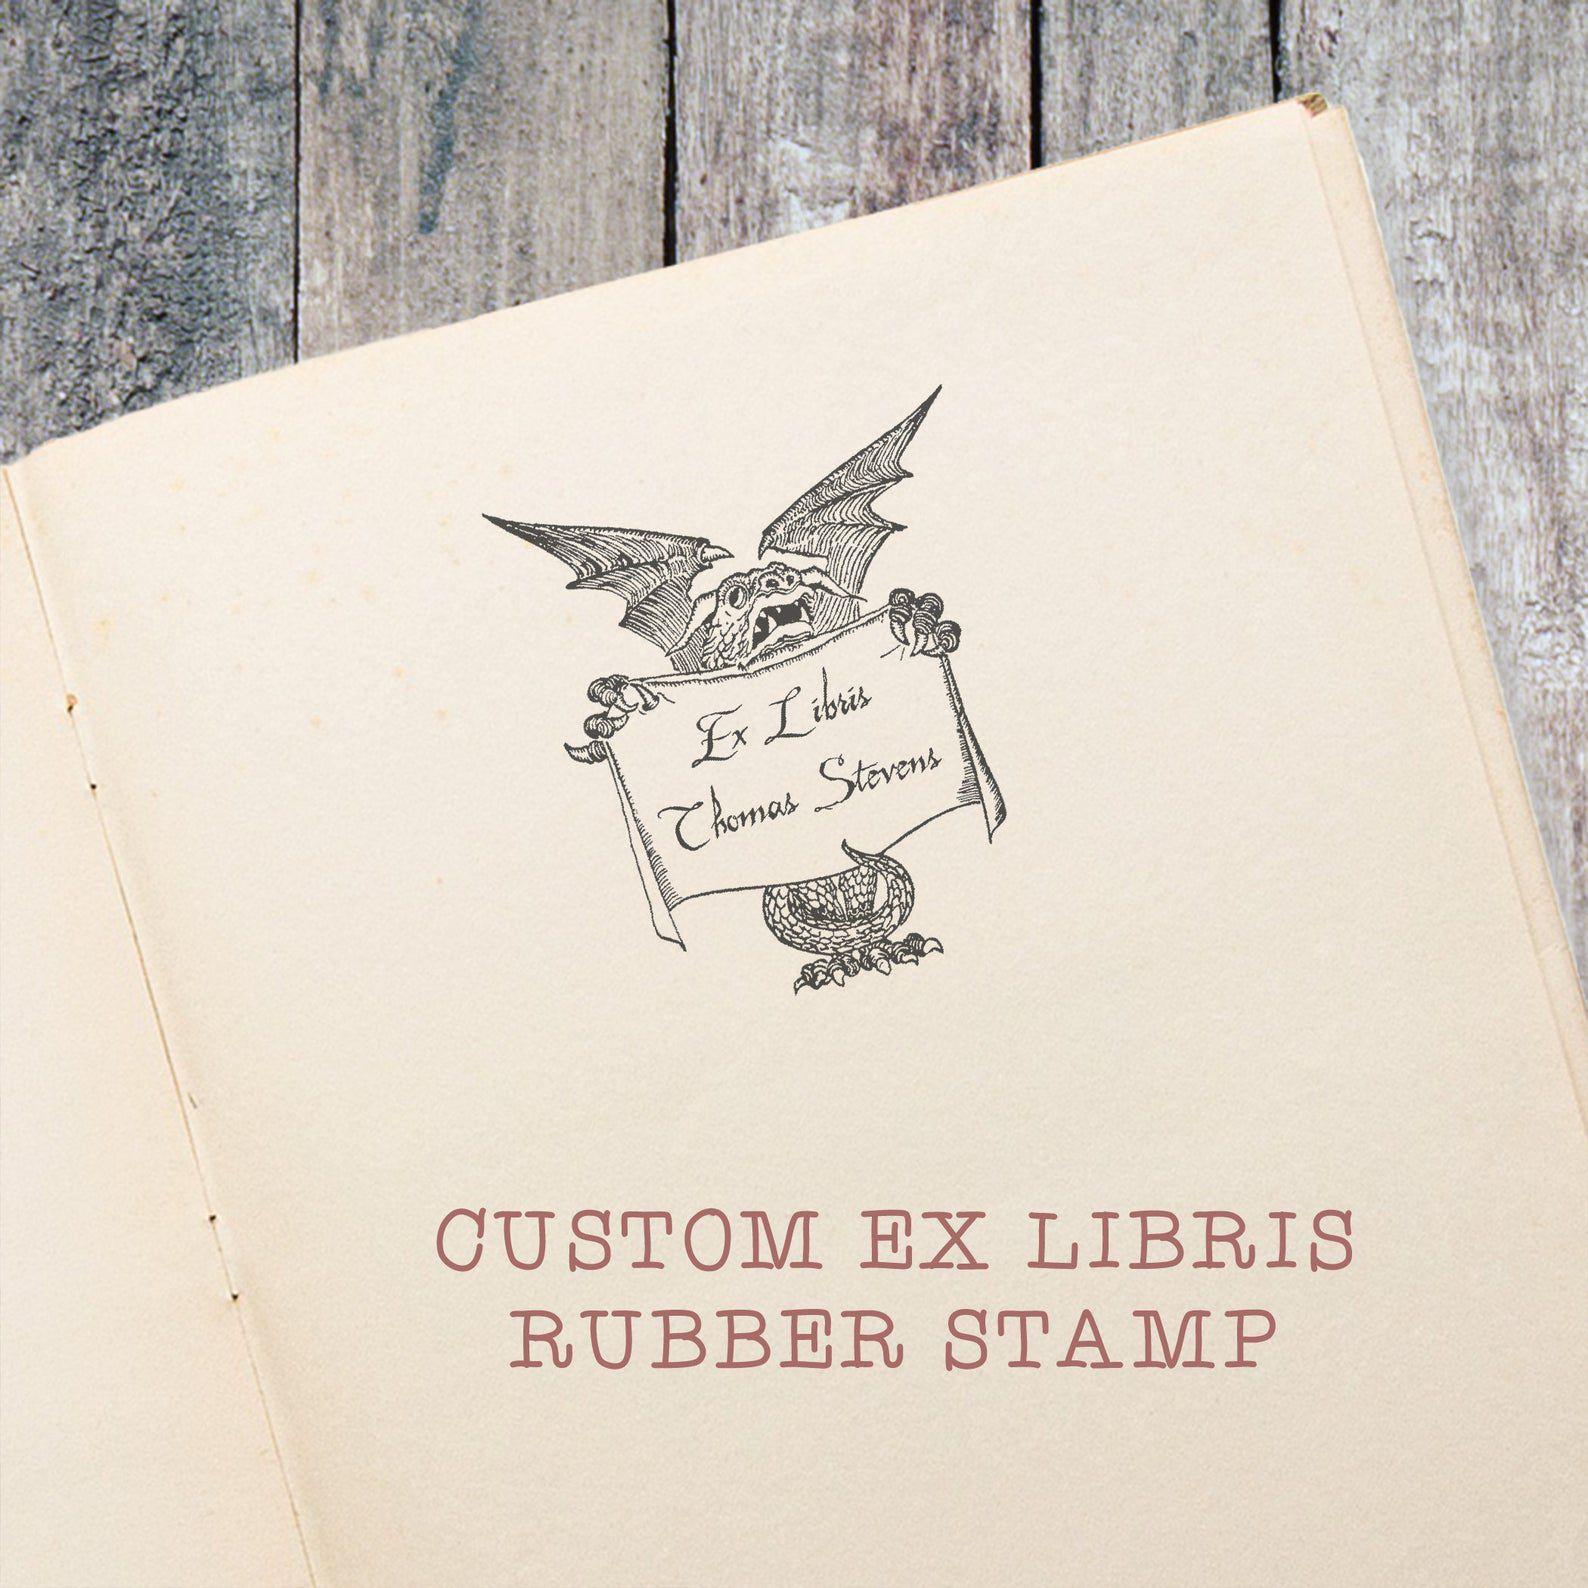 Dragon ex libris stamp.